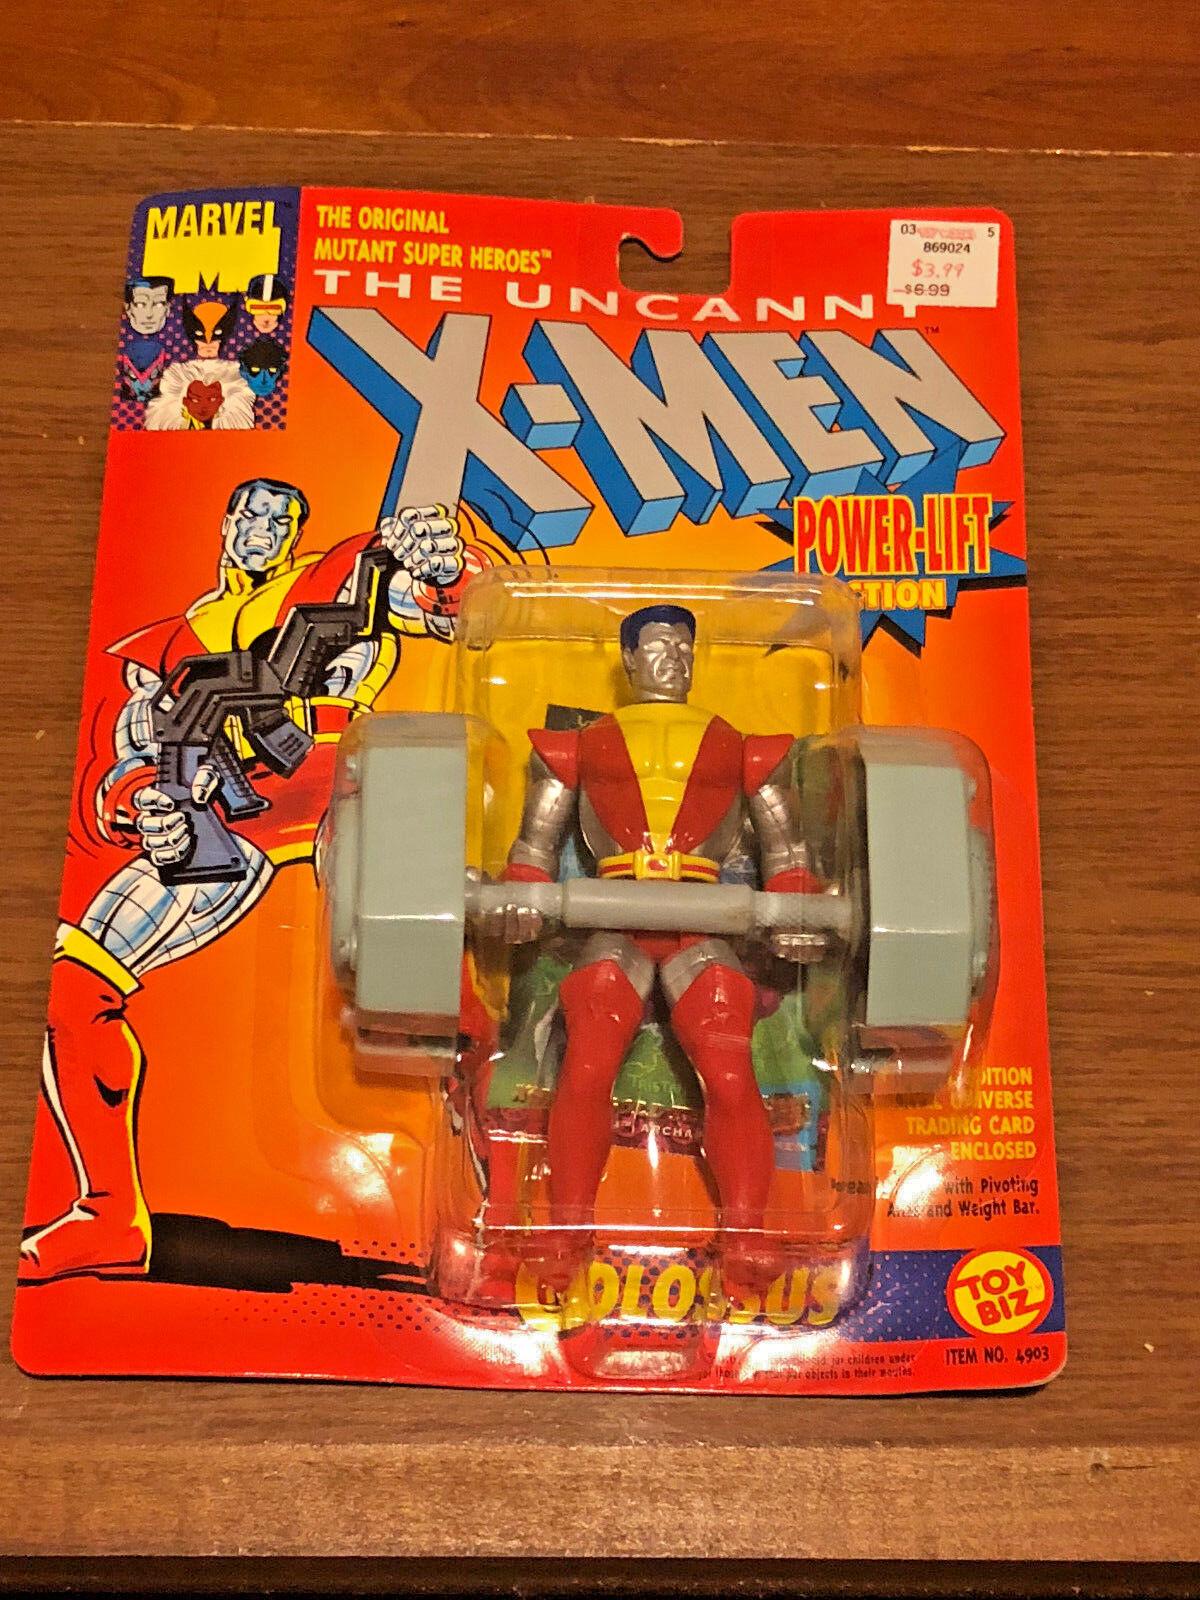 XMen COLOSSUS APOCALISSE RULLO COMPRESSORE Arcangelo 4 cifra LOTTO 4 SEALED giocattoloBIZ